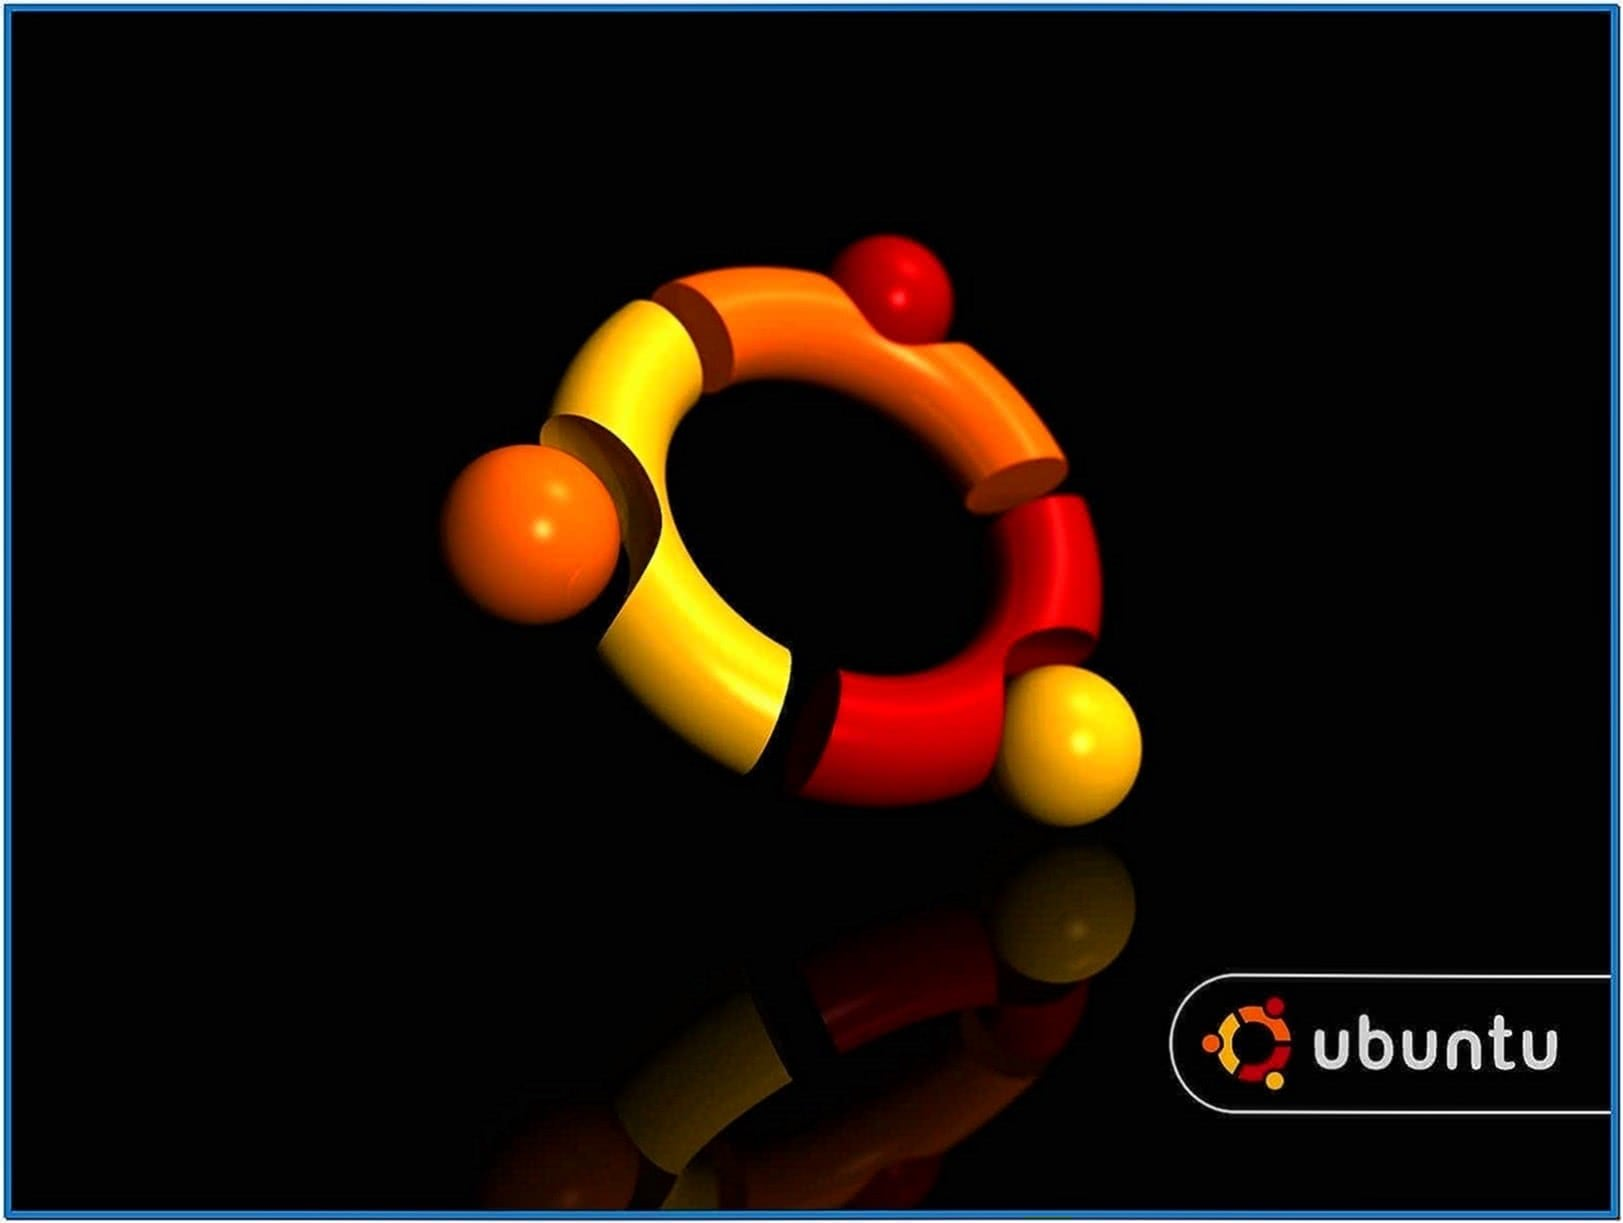 Screensaver Pictures Ubuntu